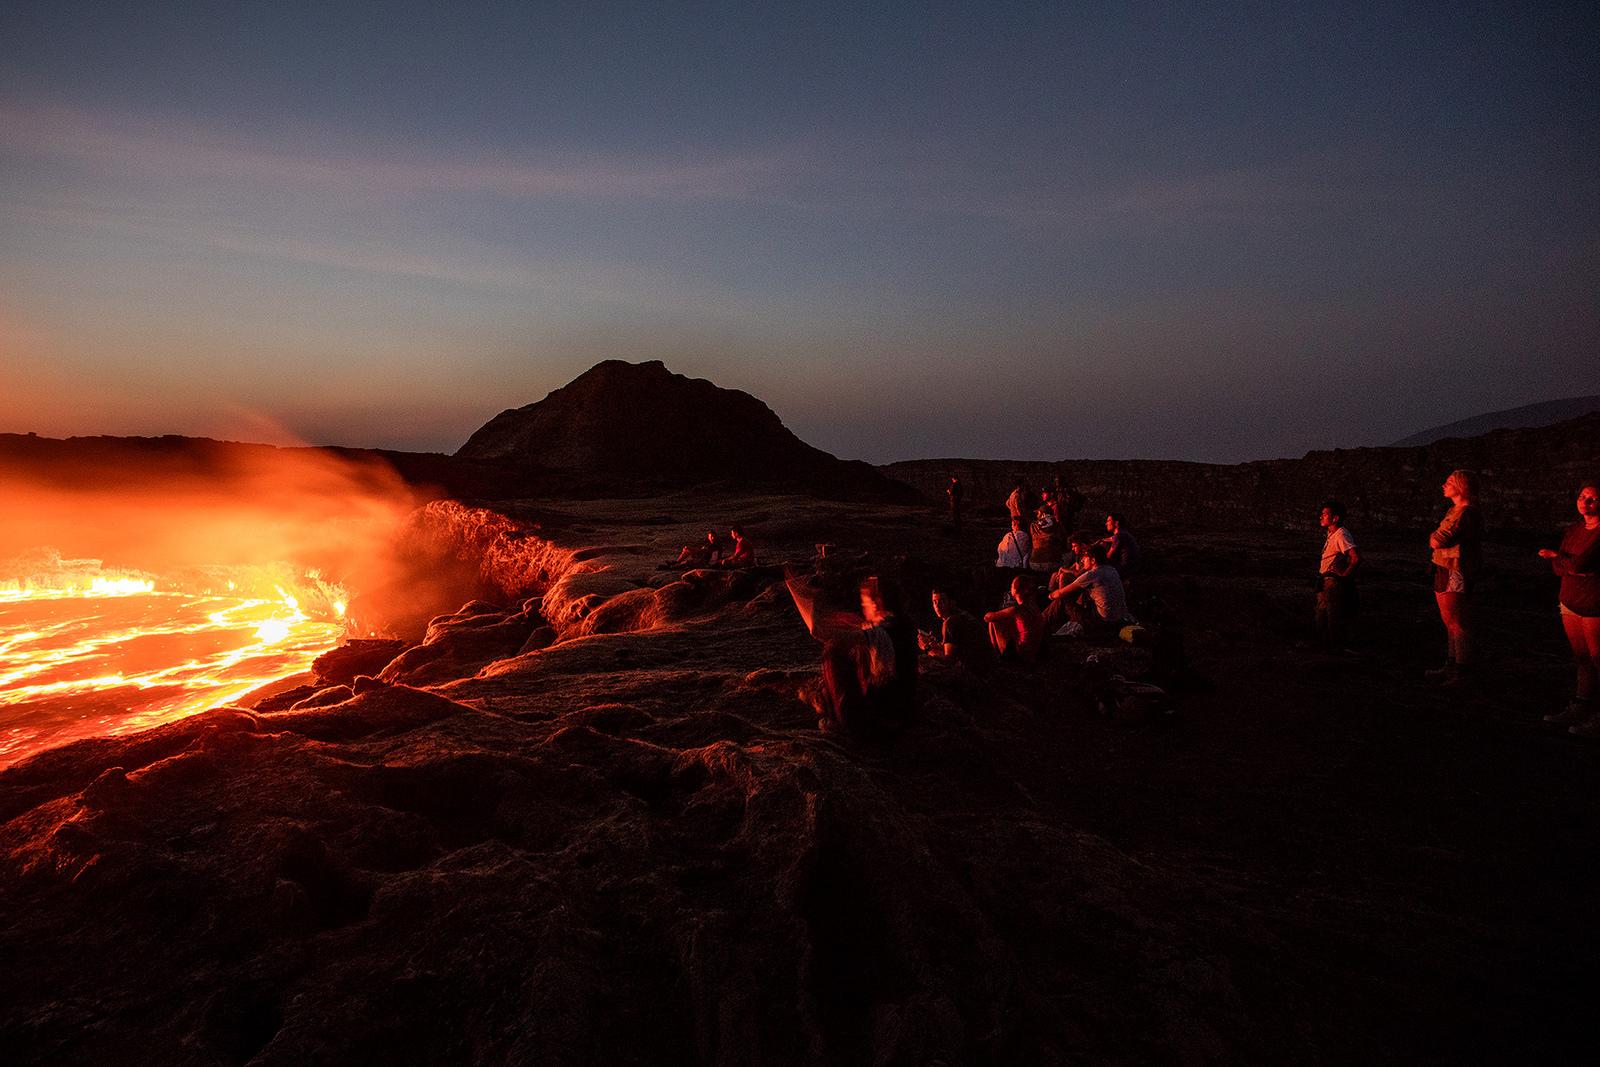 Завораживающее зрелище, Вулкан Эрта-Але, Эфиопия